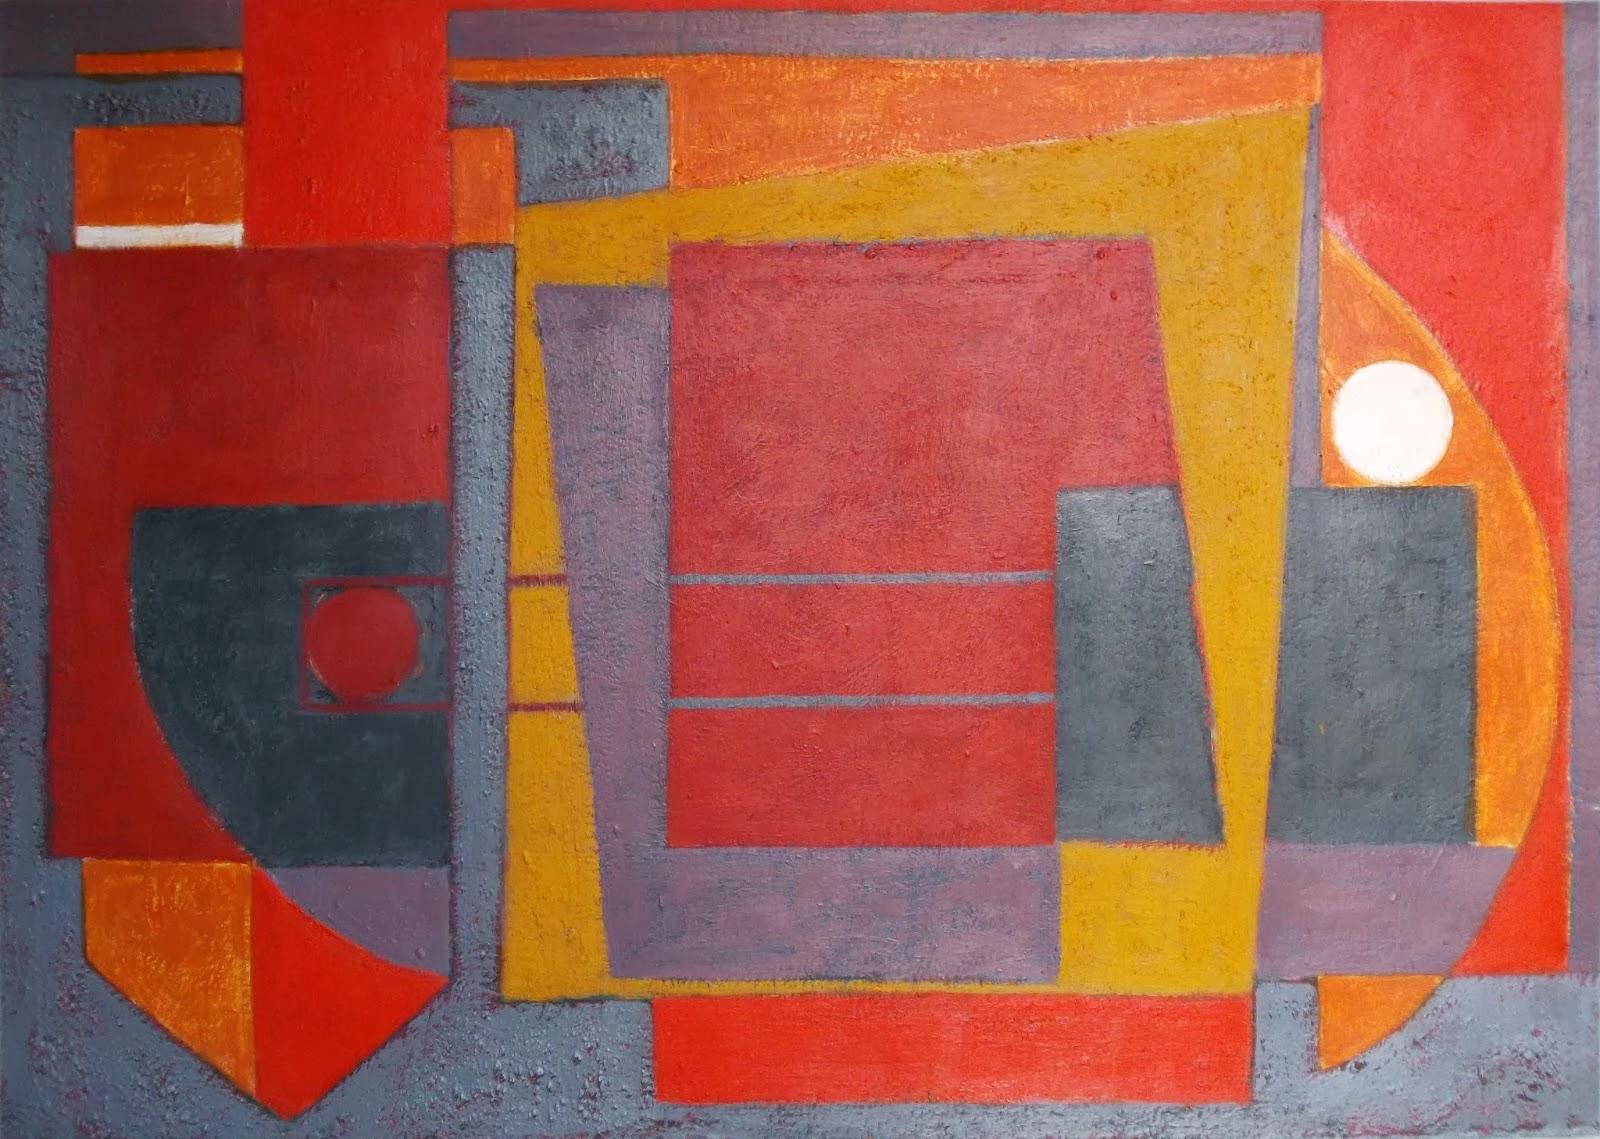 Pintura geometrica. Cuadro abstracto. Acrílico sobre cartulina. ImaPerezAlbert